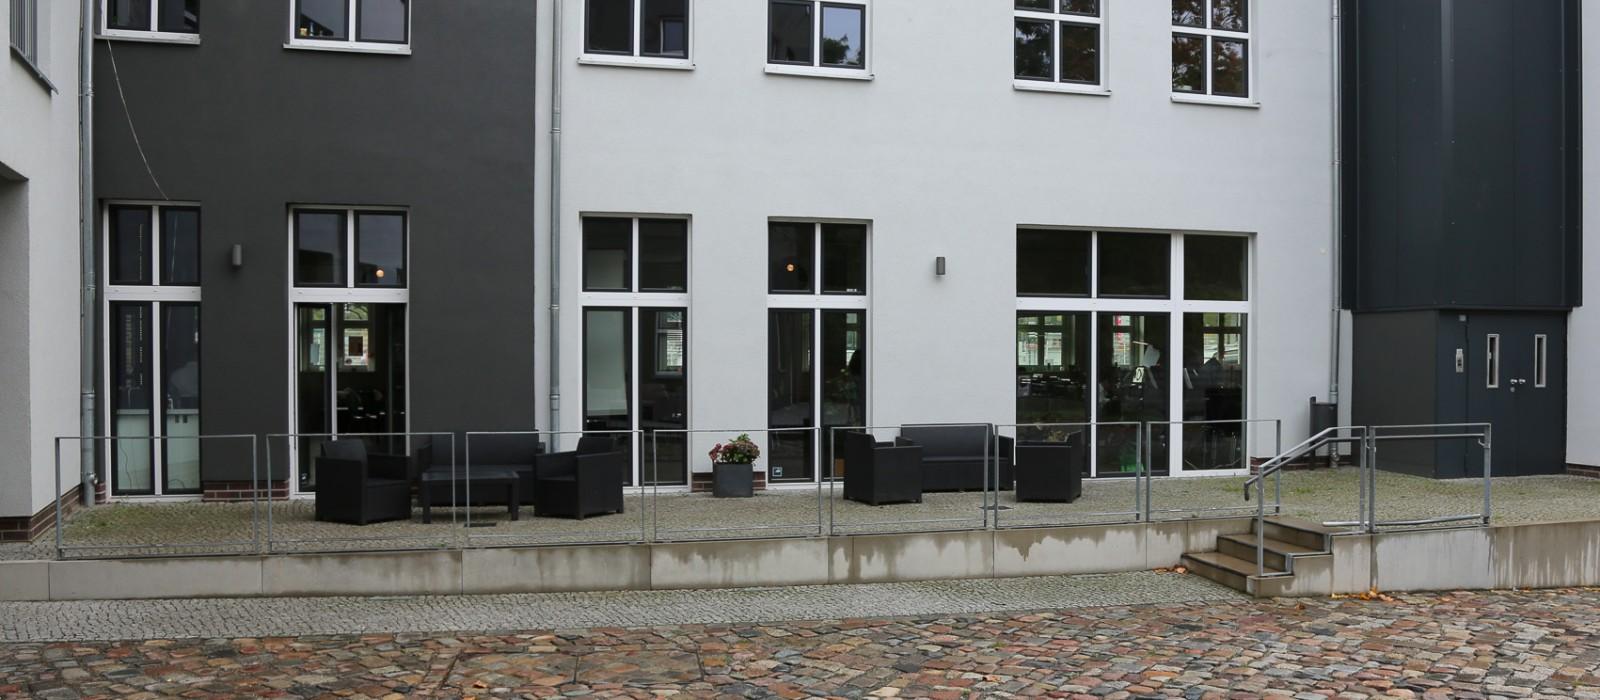 Terrasse (Outdoor)